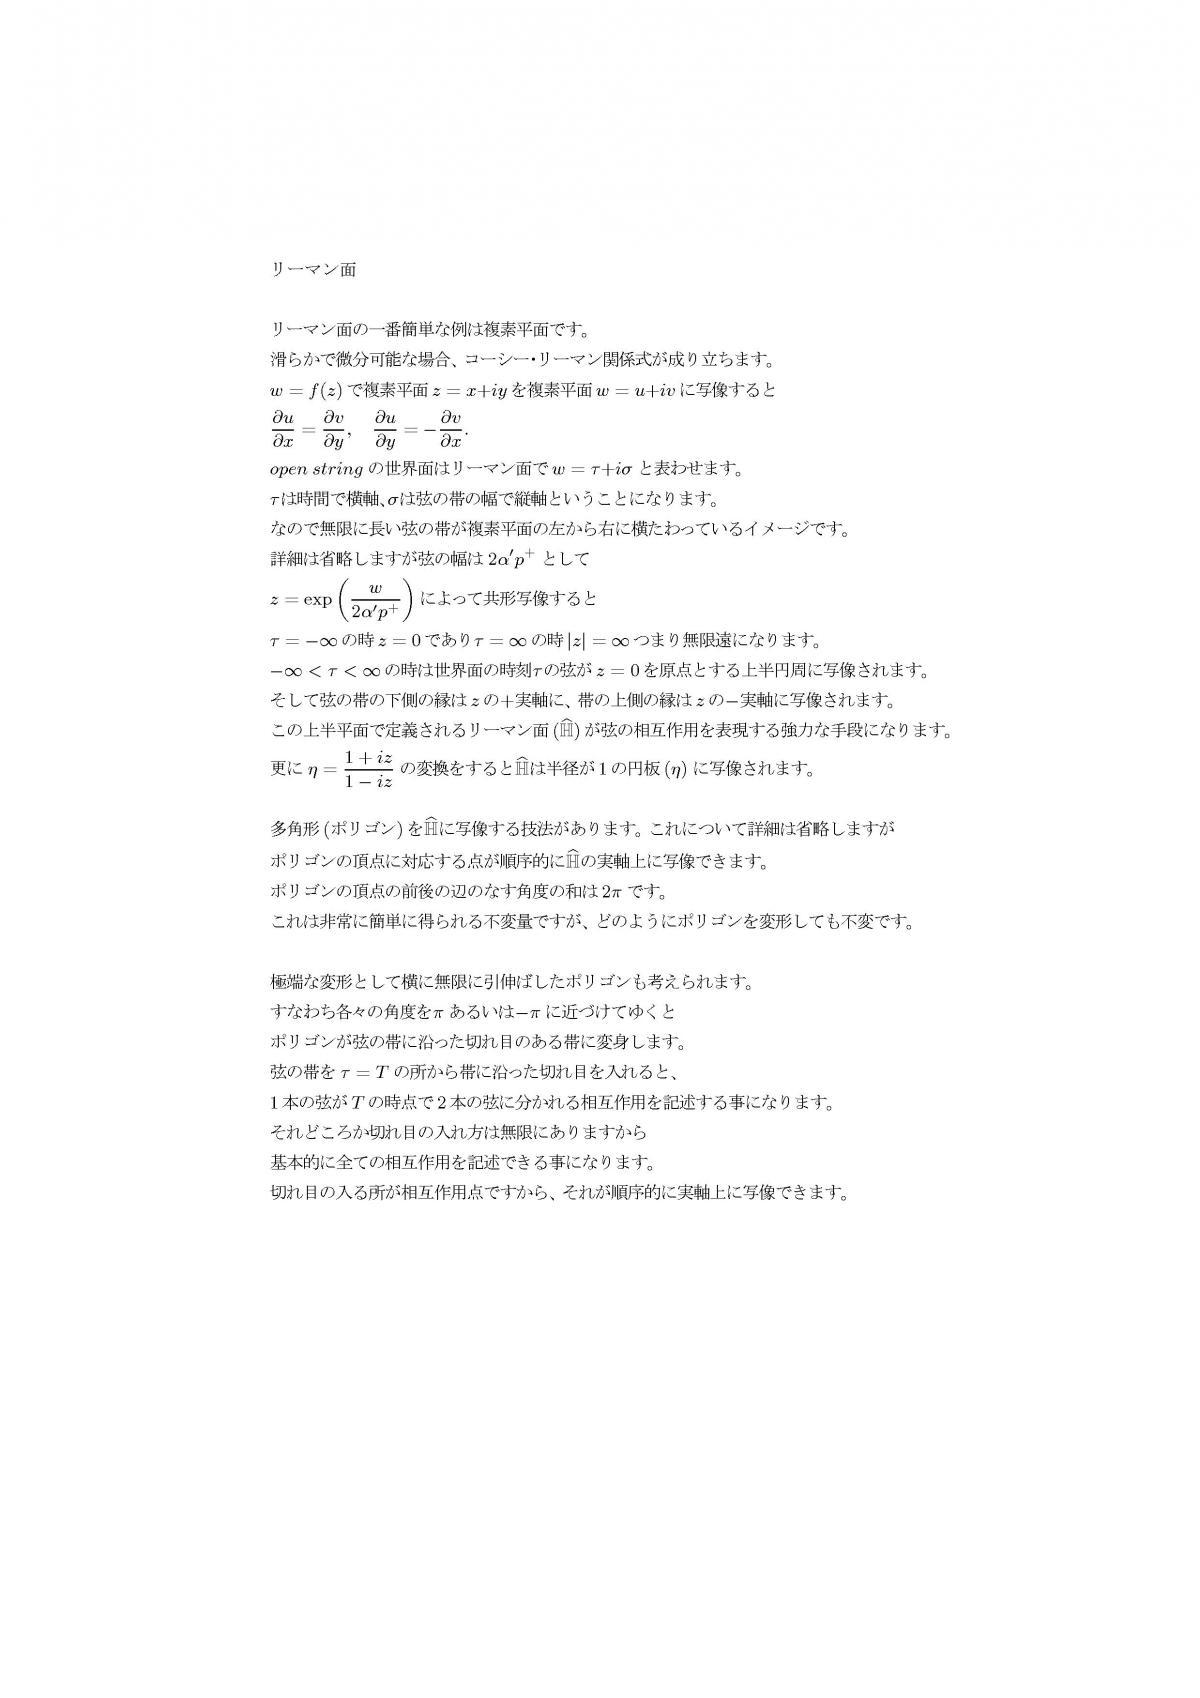 pgen46a.jpg